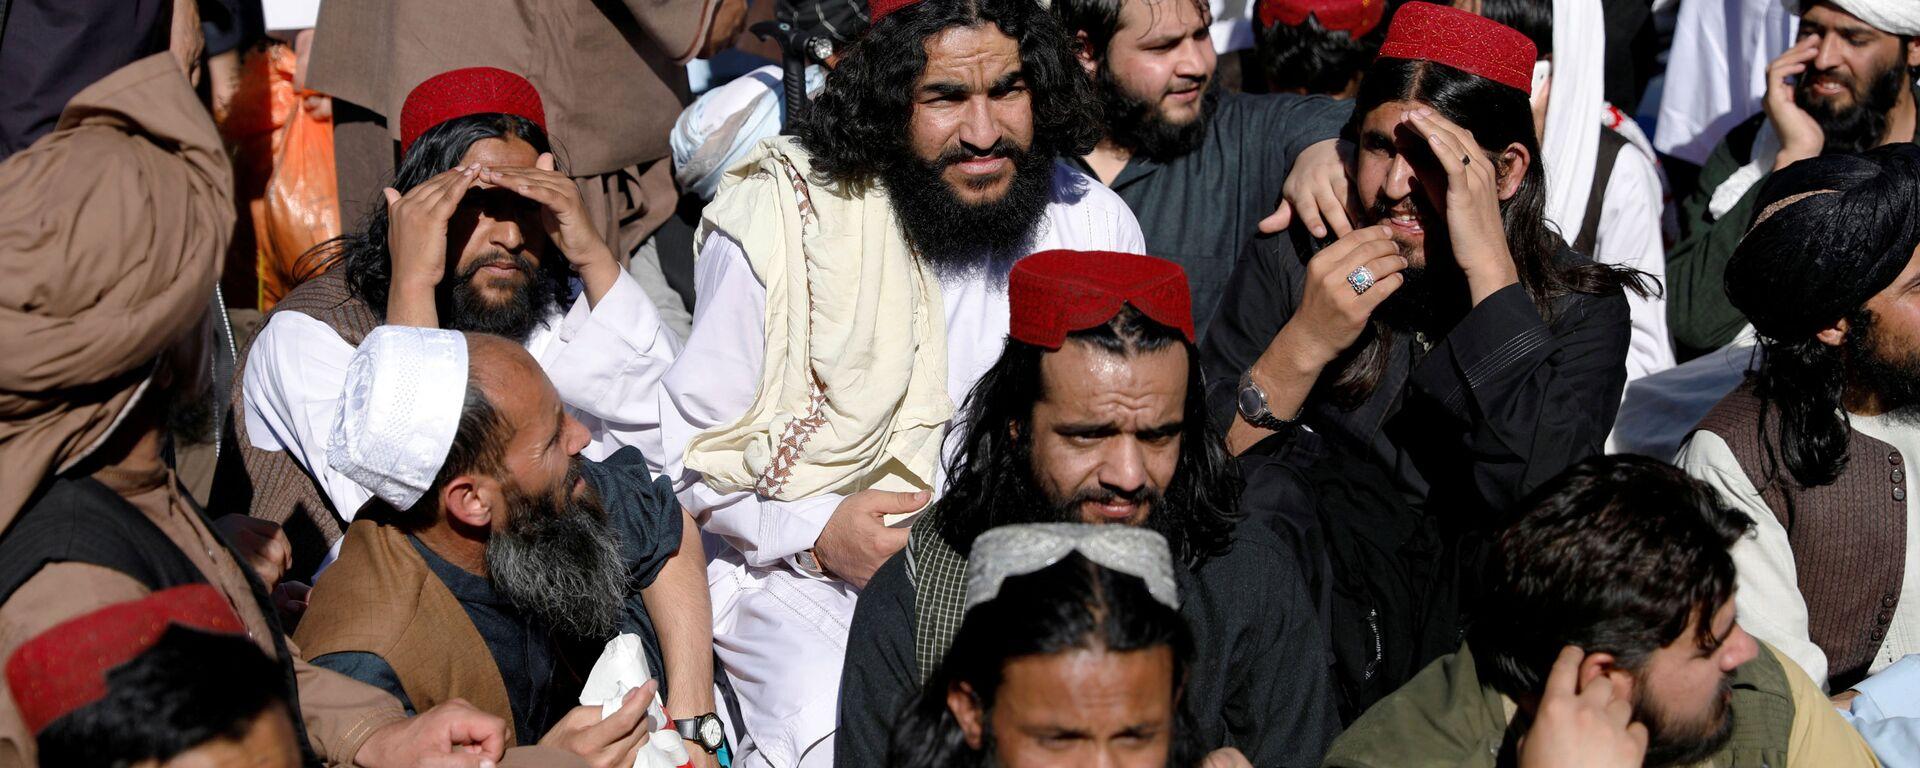 Talibowie, których zwolniono z więzienia w Kabulu - Sputnik Polska, 1920, 23.08.2021